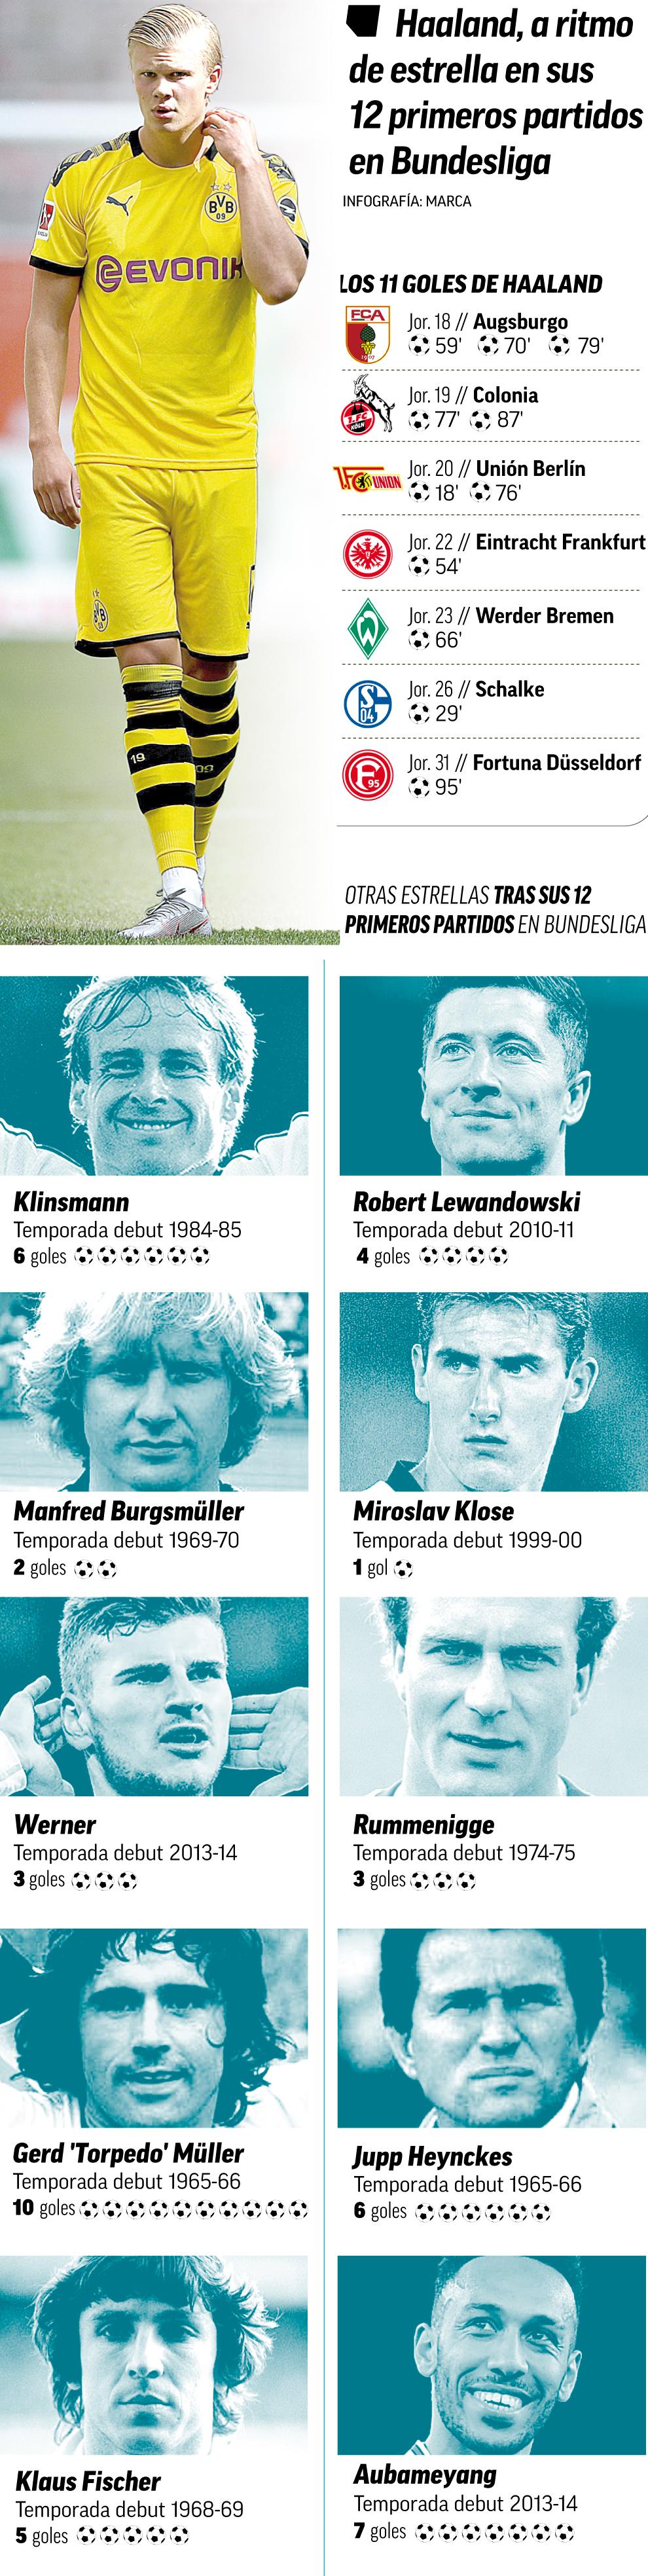 'Torpedo' Haaland, a ritmo de leyenda: a estas alturas supera a grandes estrellas de la Bundesliga